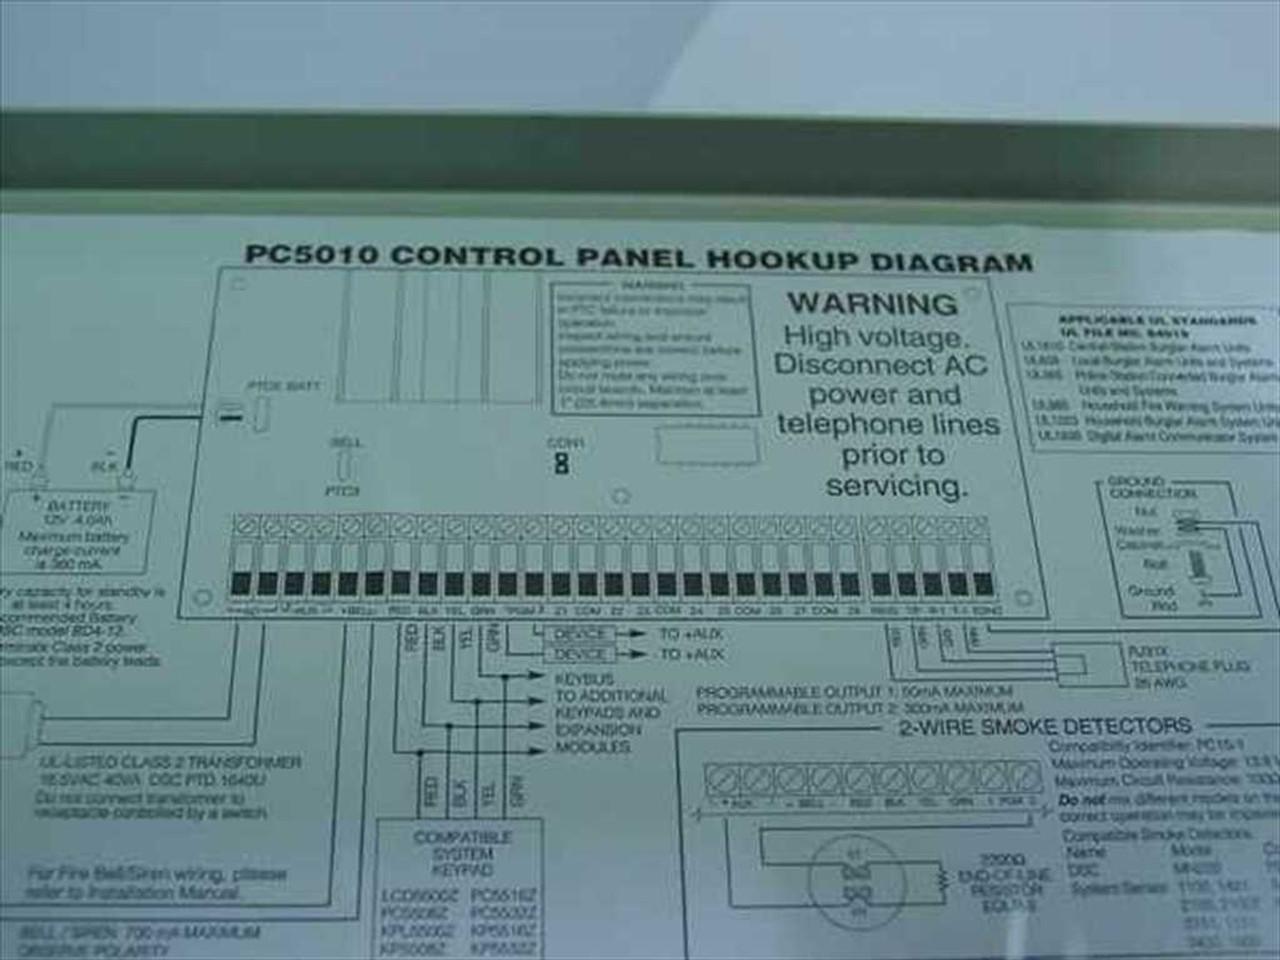 Dsc 5010 Wiring Diagram - Wiring Diagrams Schema